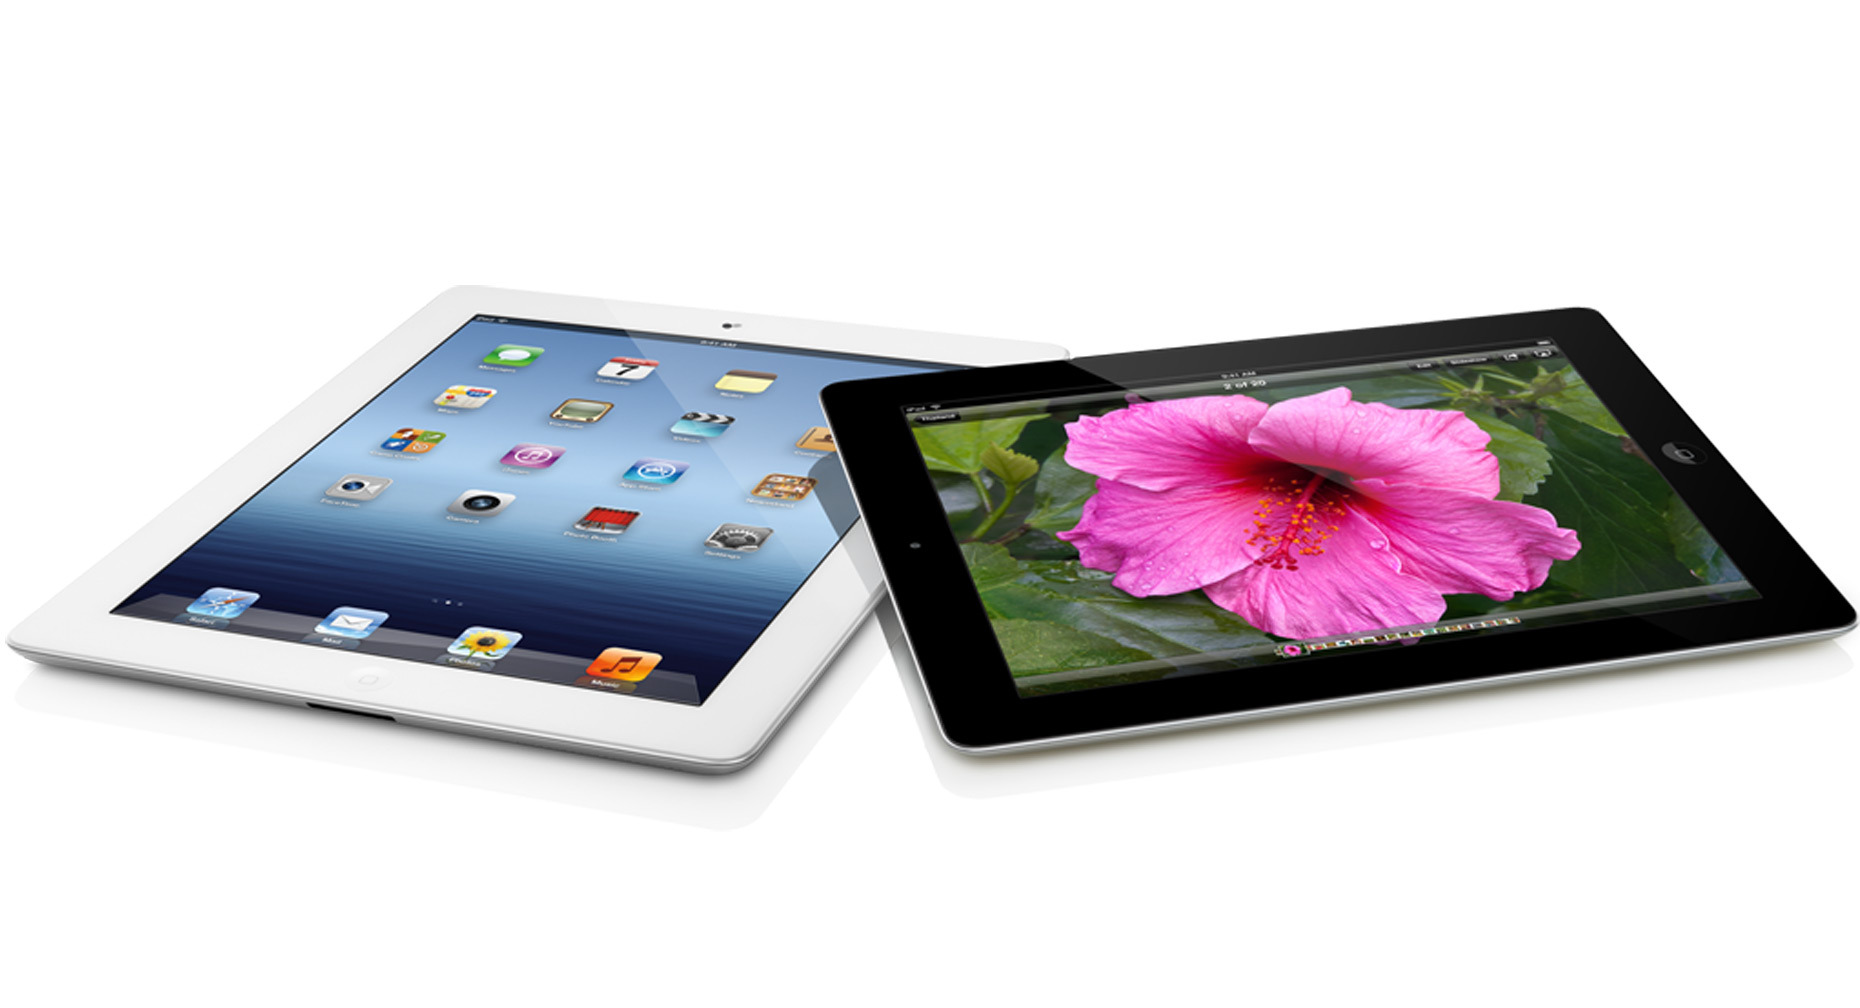 Servis Apple iPad 3 Hradec Králové